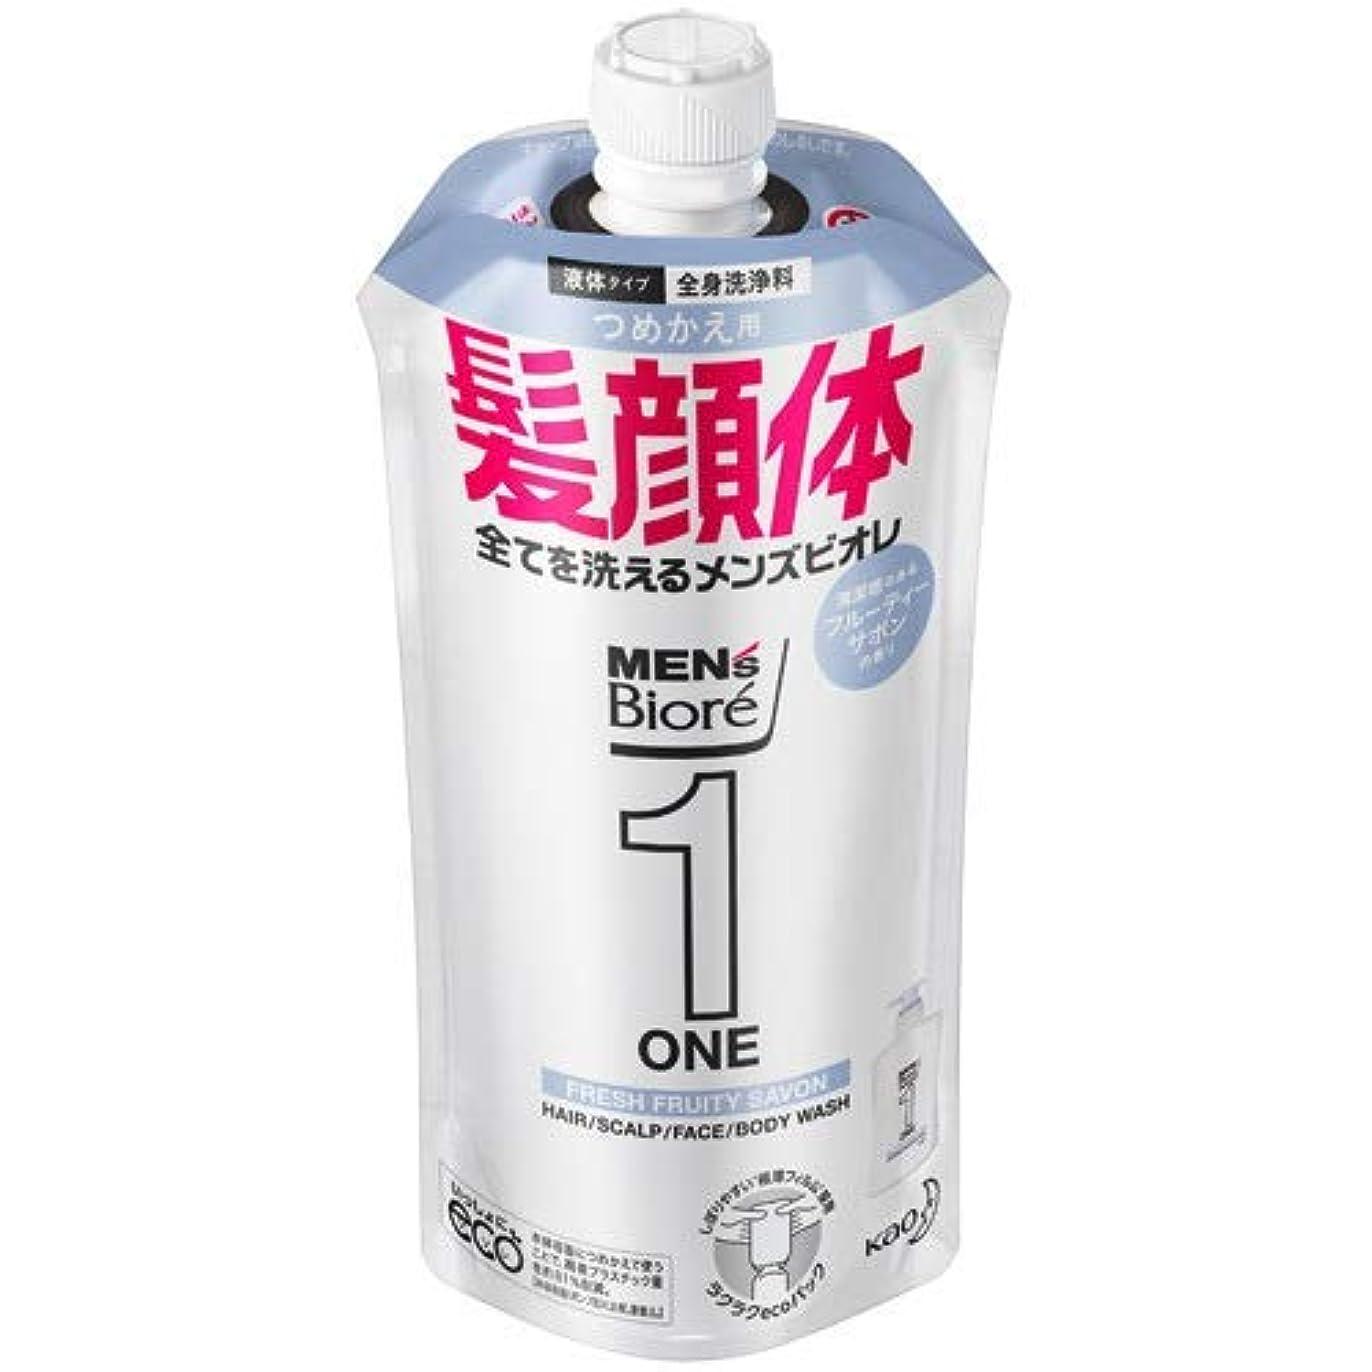 賢明な緊張ヒゲクジラ【10個セット】メンズビオレONE オールインワン全身洗浄料 清潔感のあるフルーティーサボンの香り つめかえ用 340mL